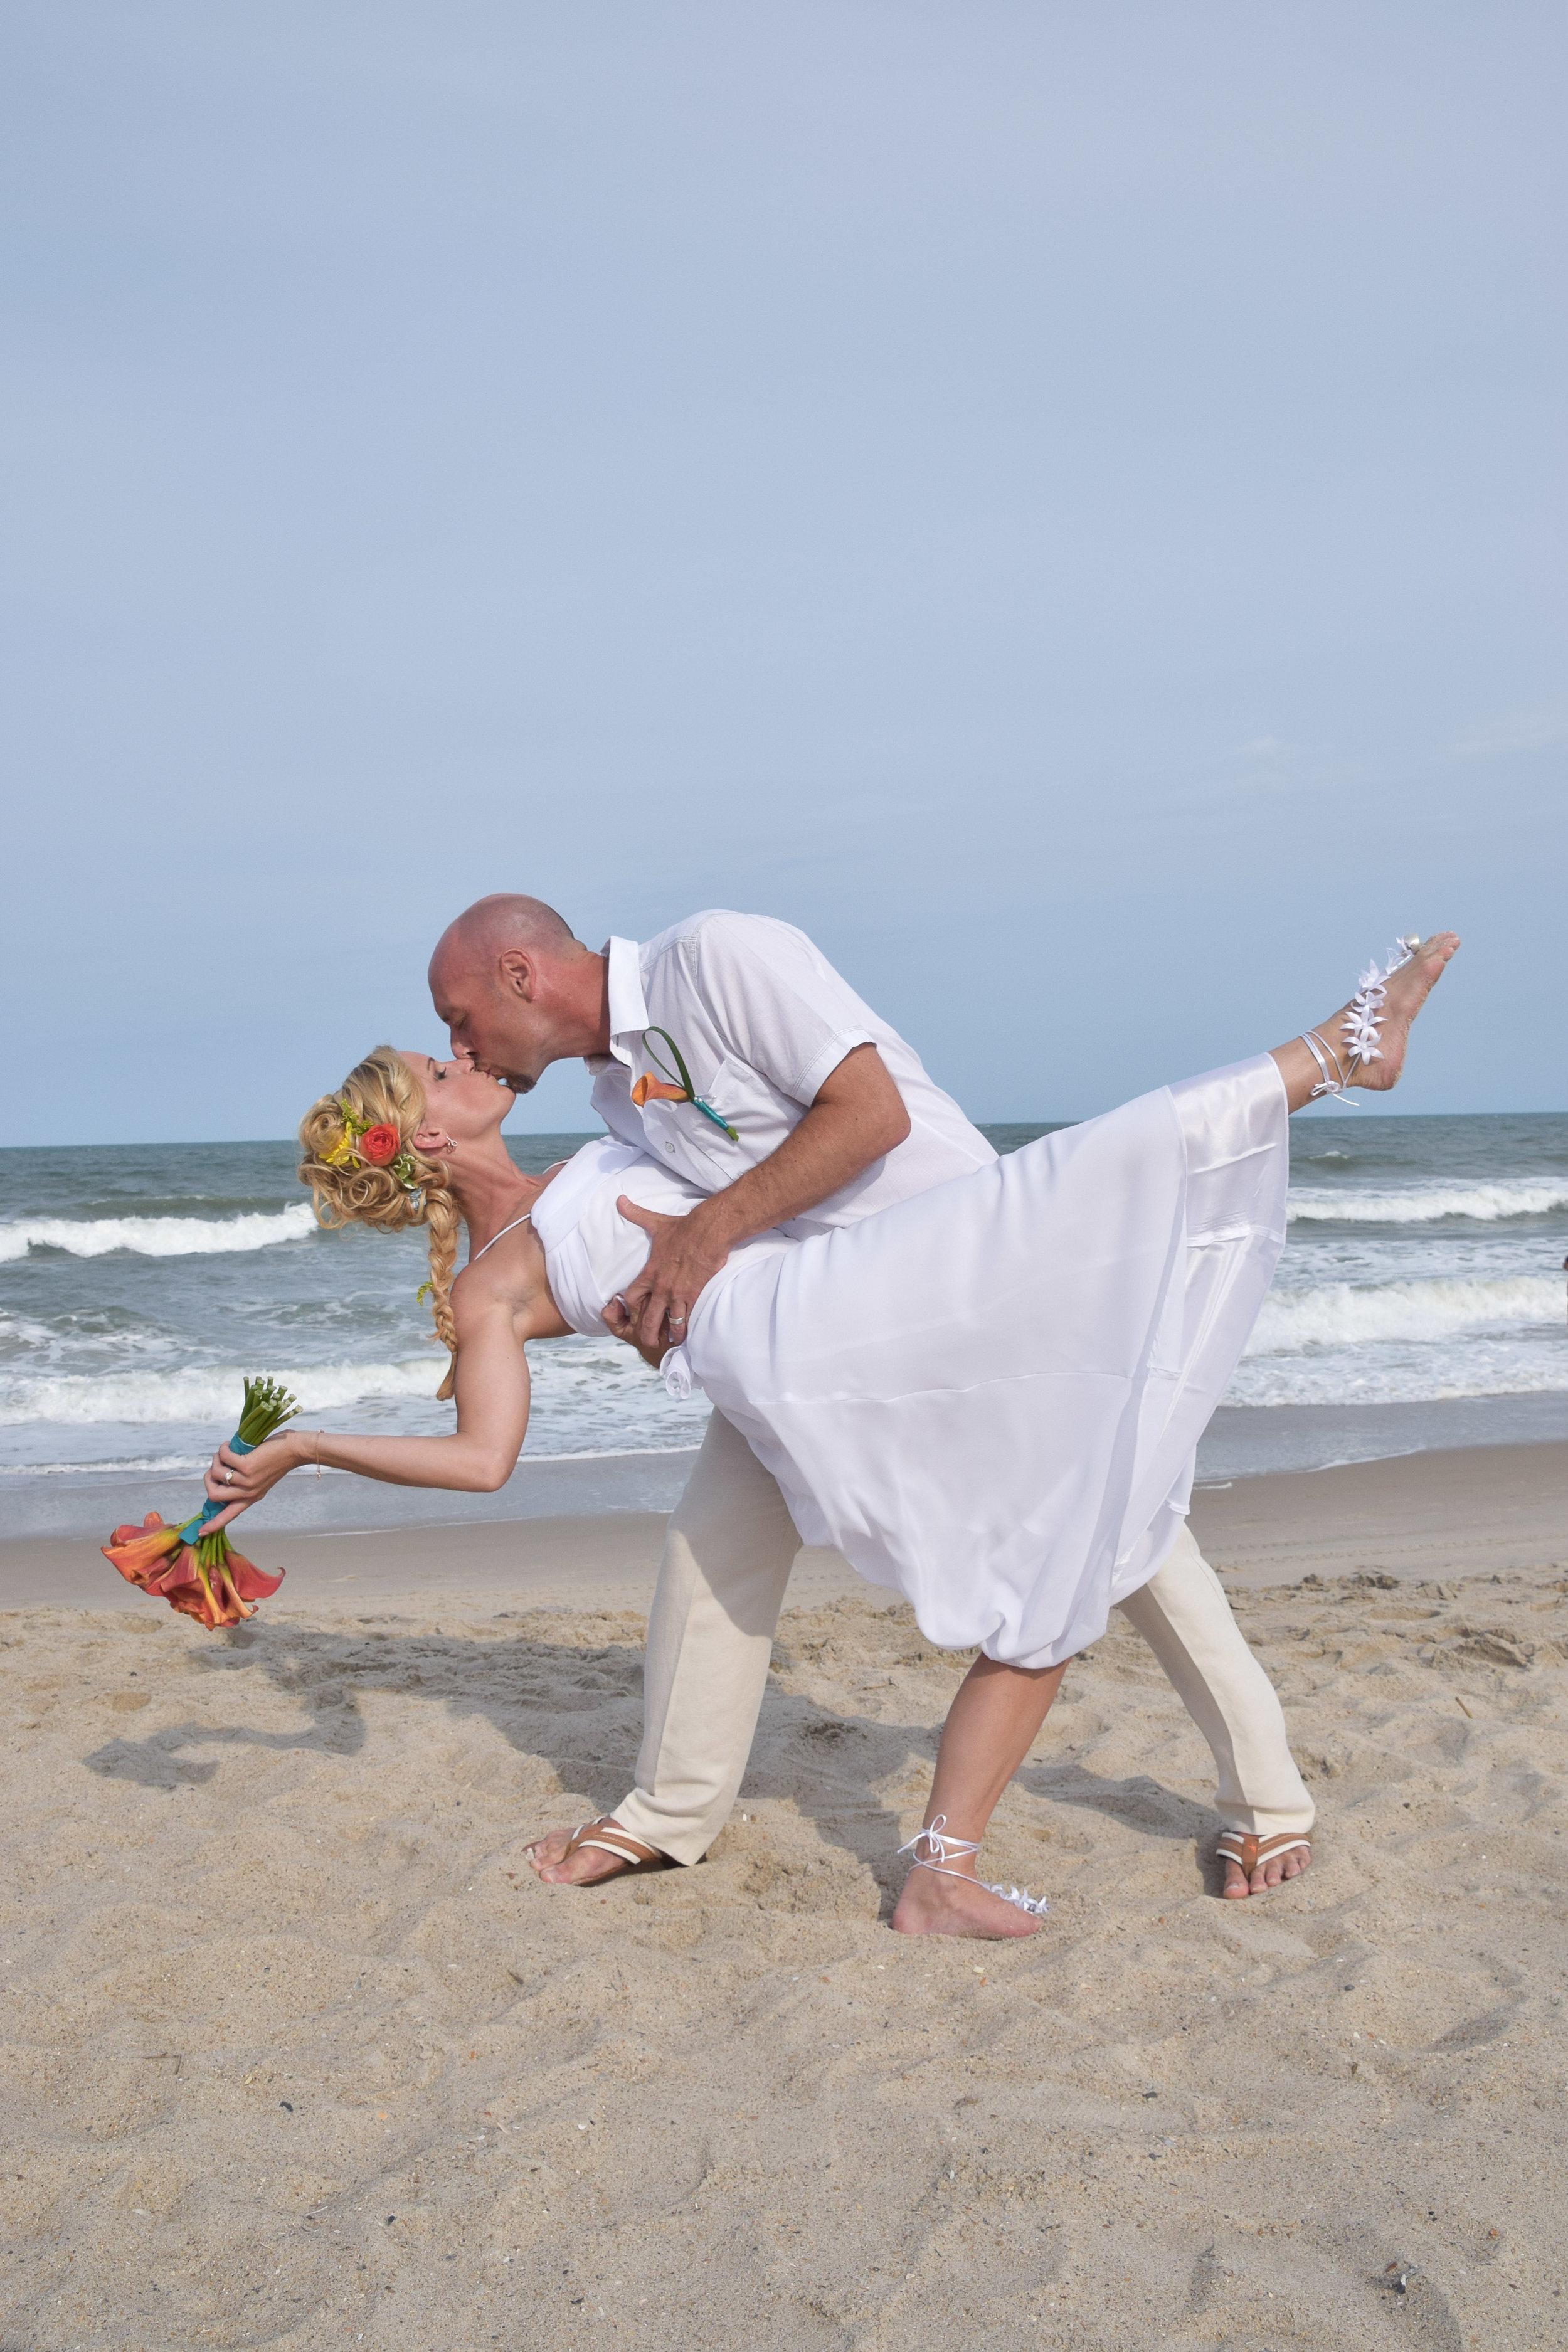 Beach Kiss and Dip.